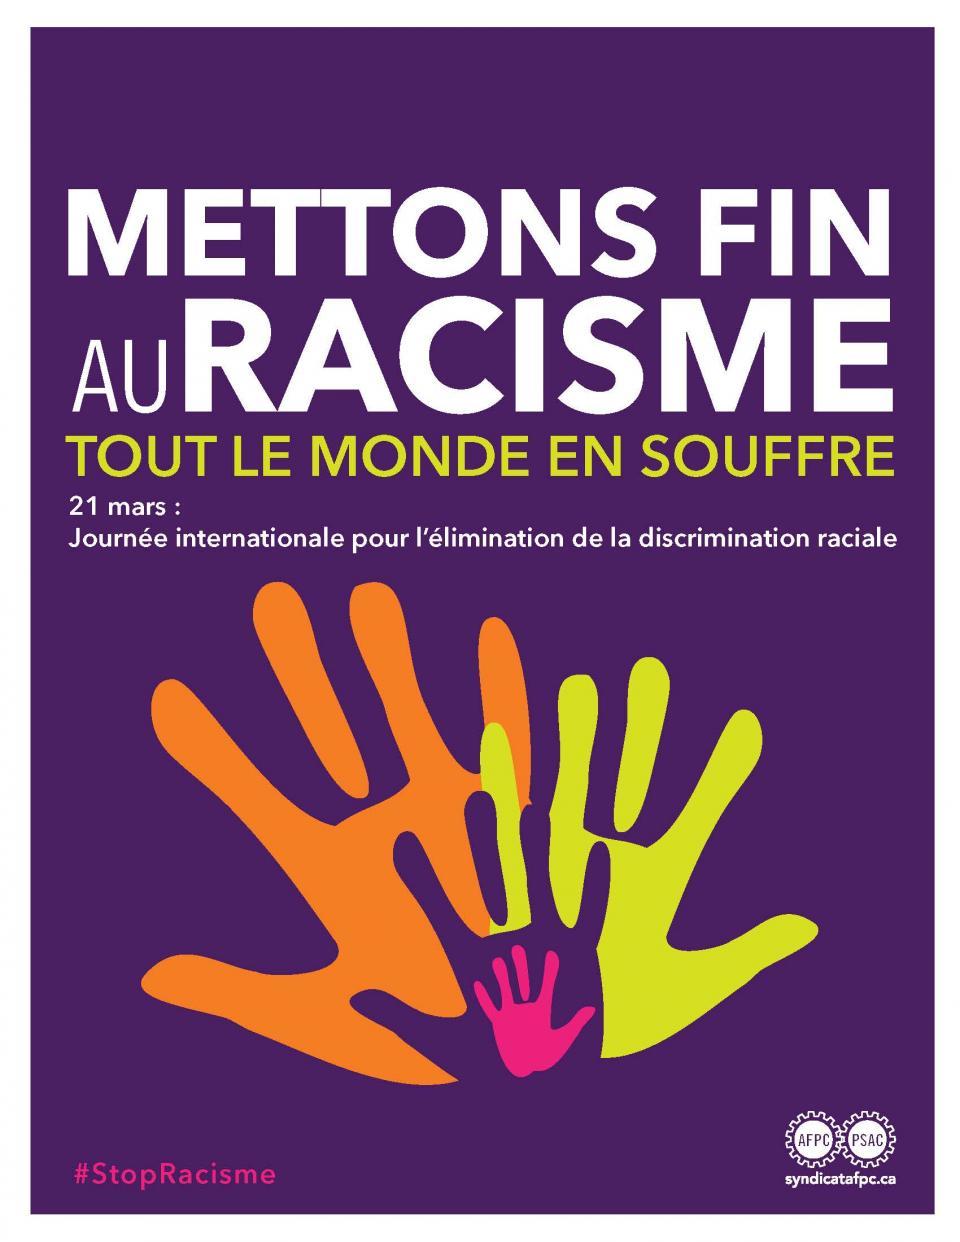 L'affiche de Mettons fin au racisme